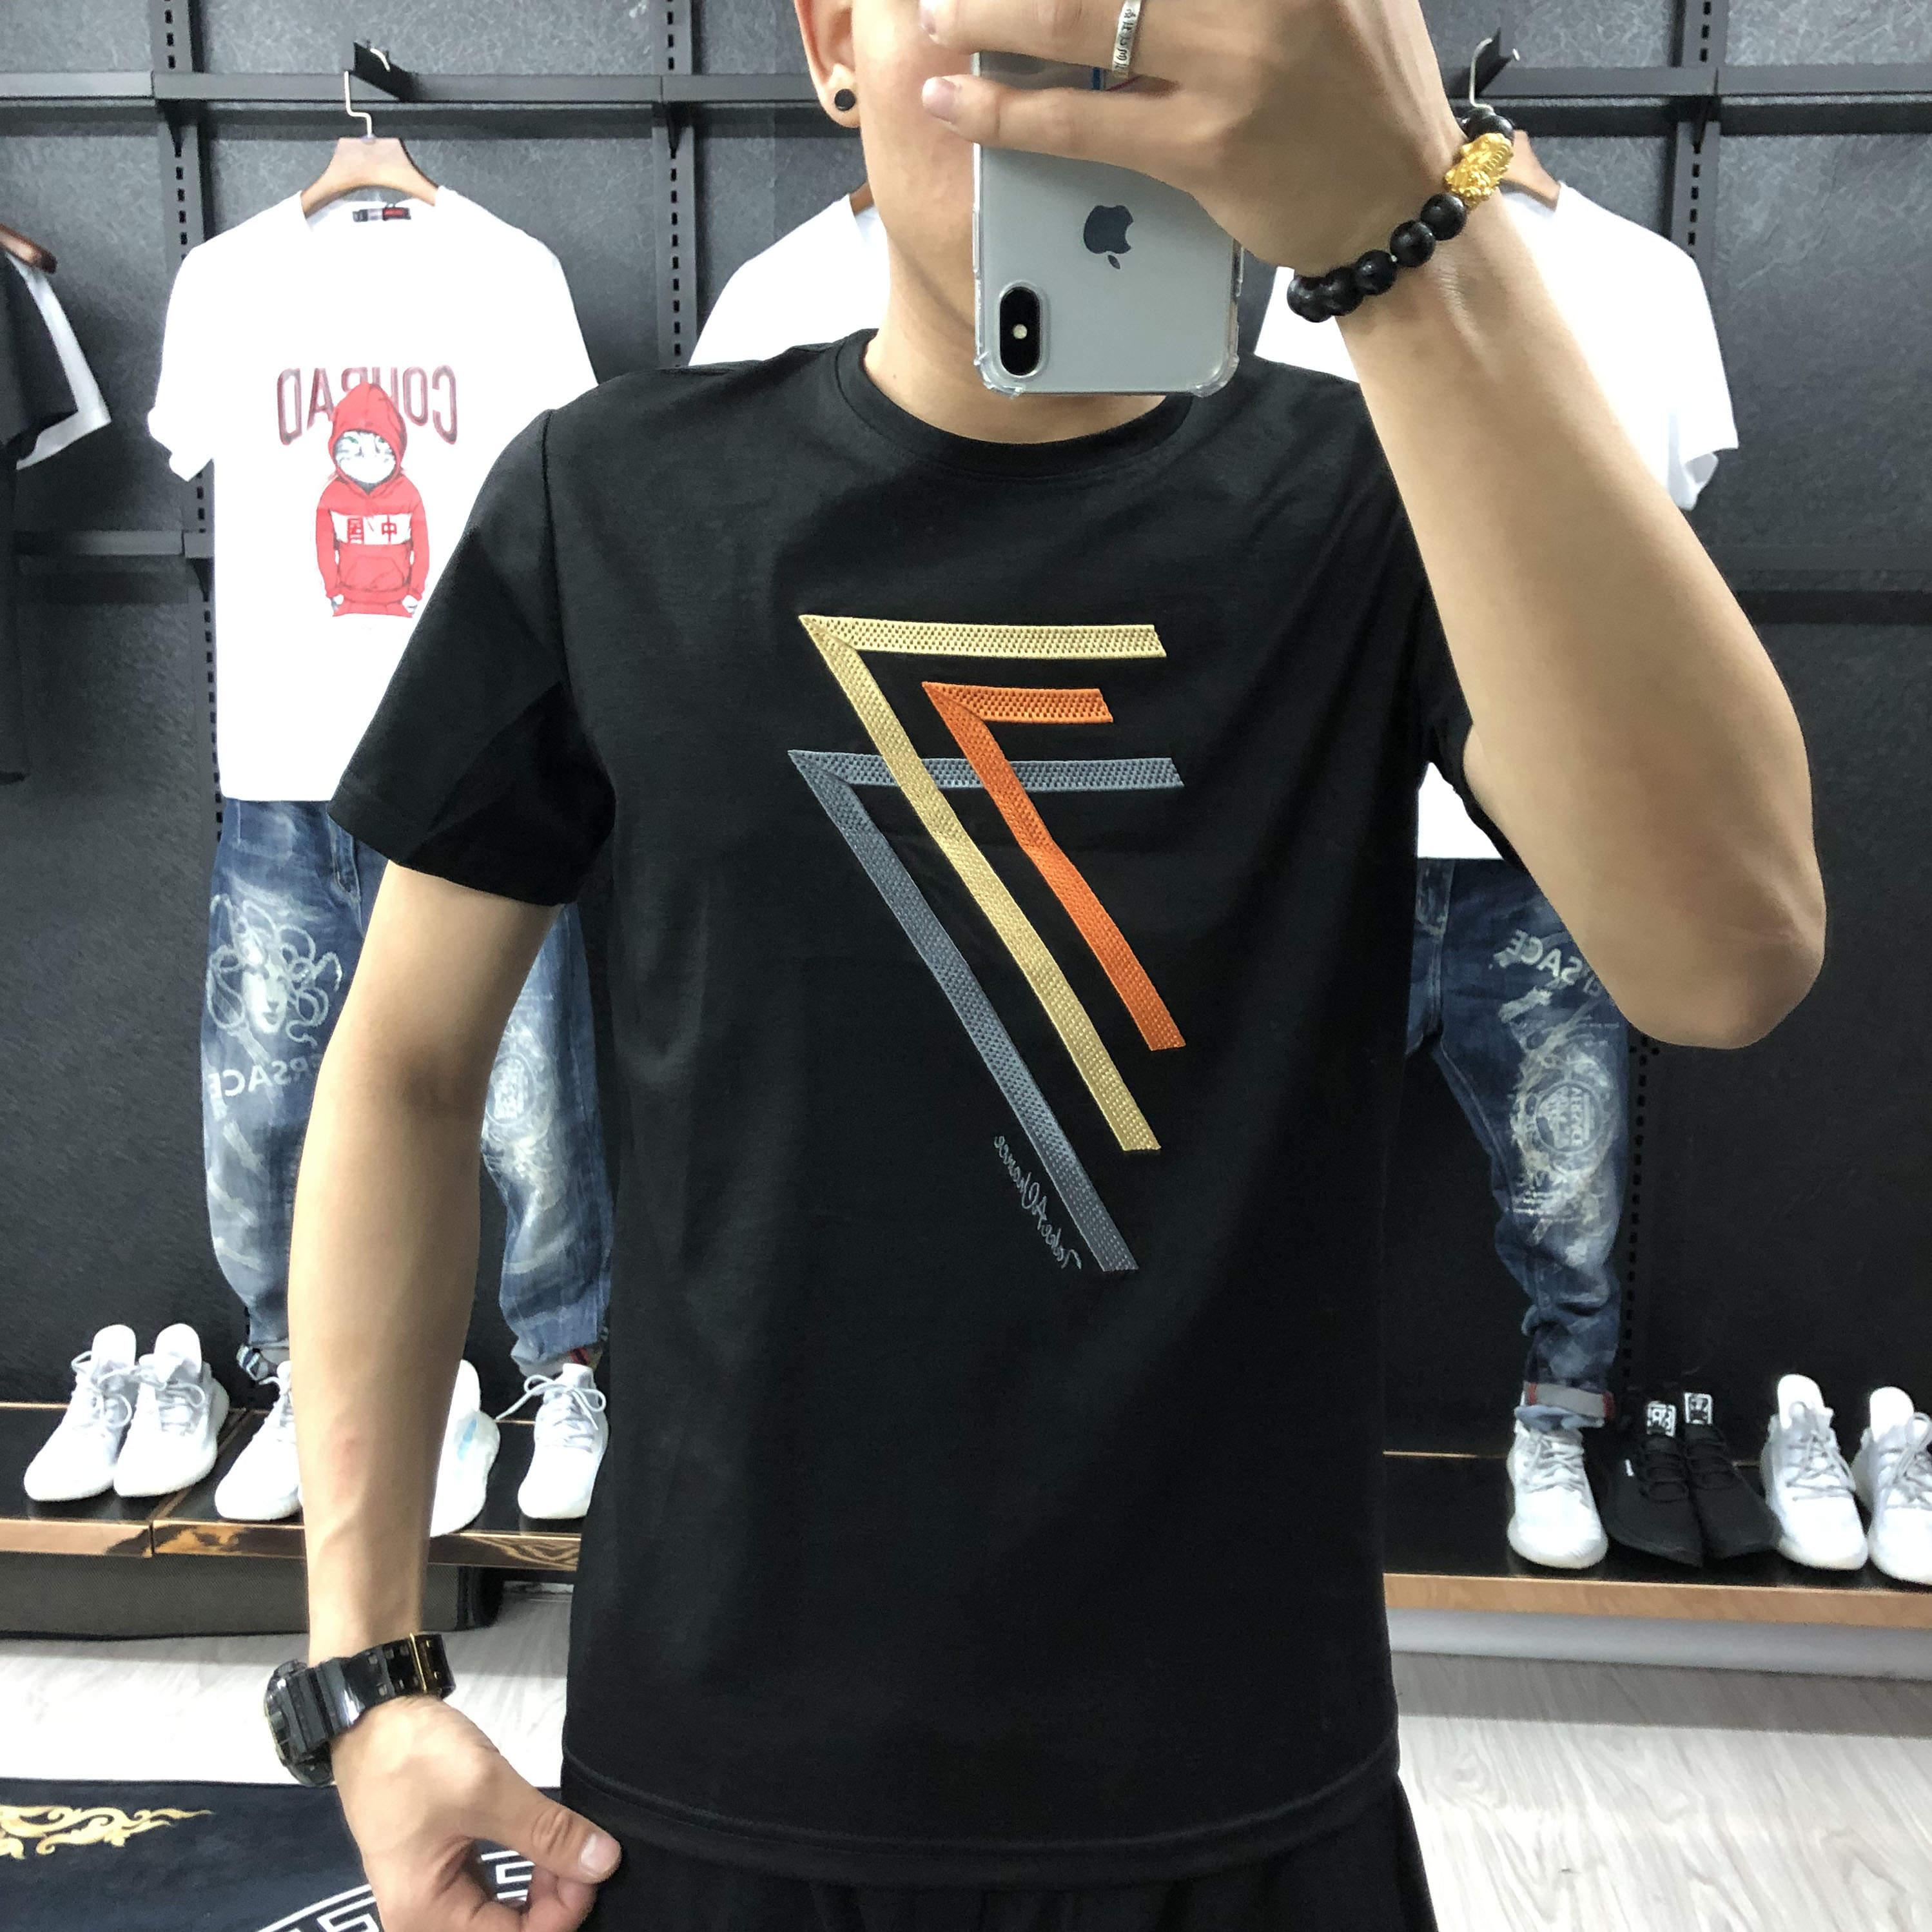 哈尔滨光头强男装店网红同款热门数字7刺绣时尚短袖夏季男士T恤衫